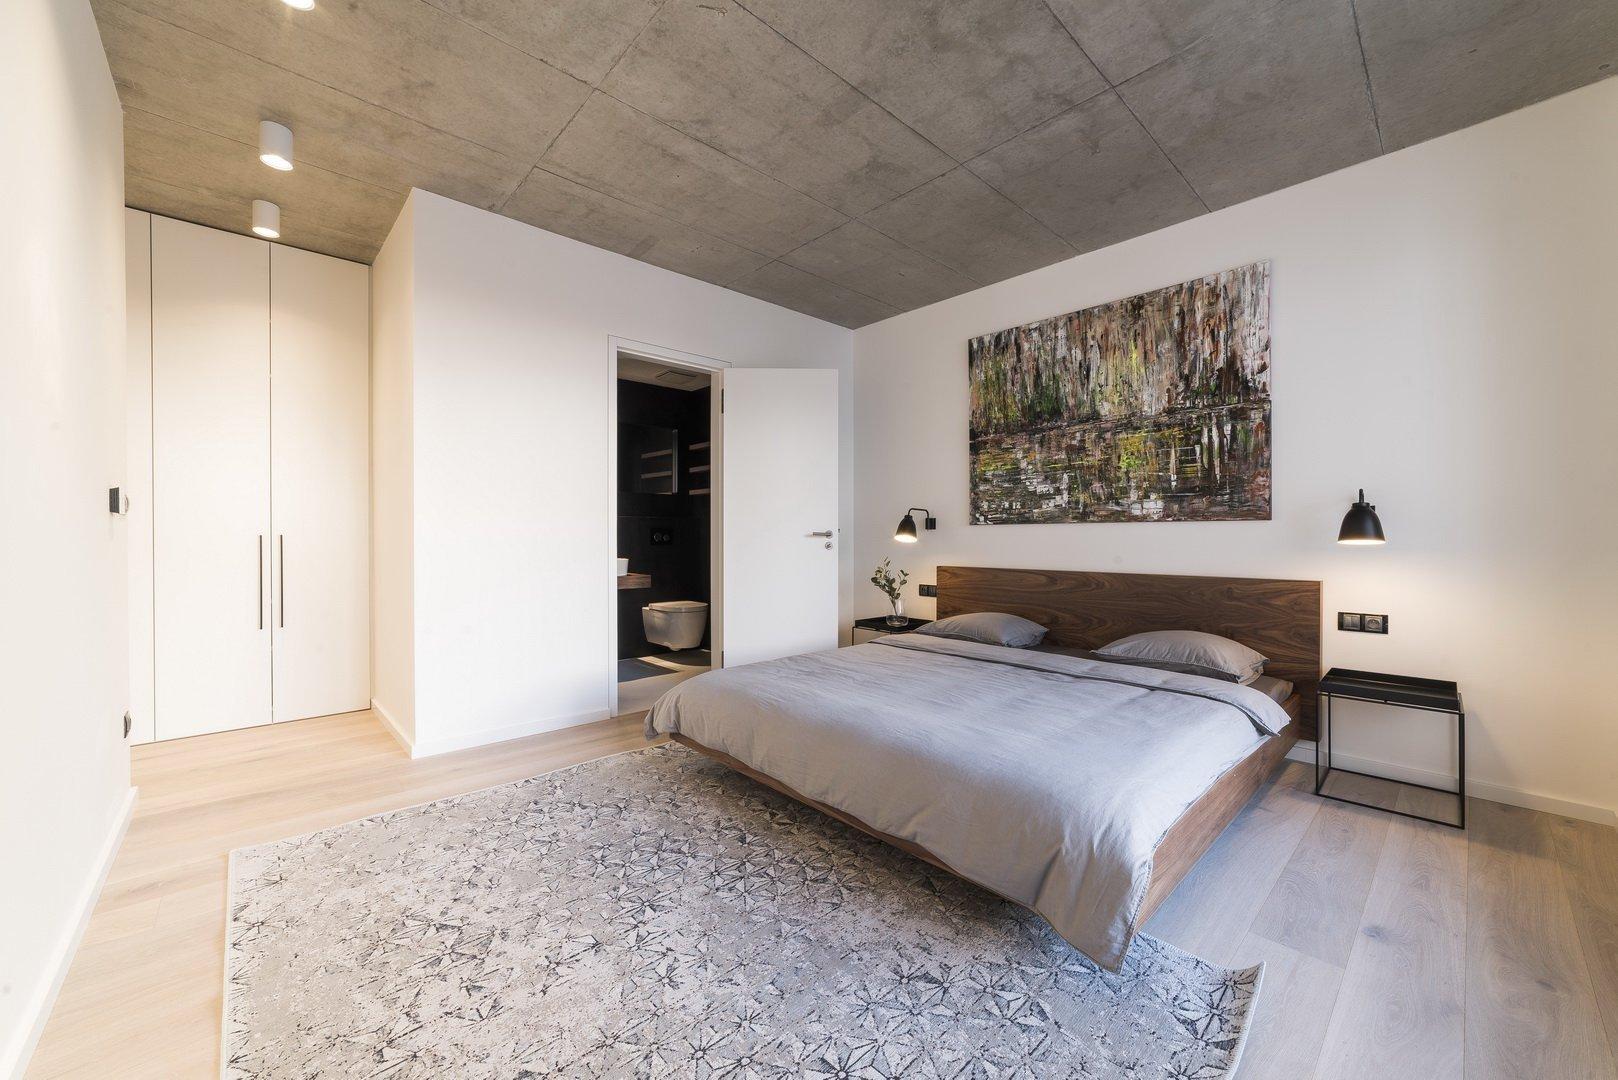 Realizace apartmánuje součástí návrhu interiéru bytového domu v centru Prahy.Návrh pracuje s podstatou samotné stavby a její železobetonové…